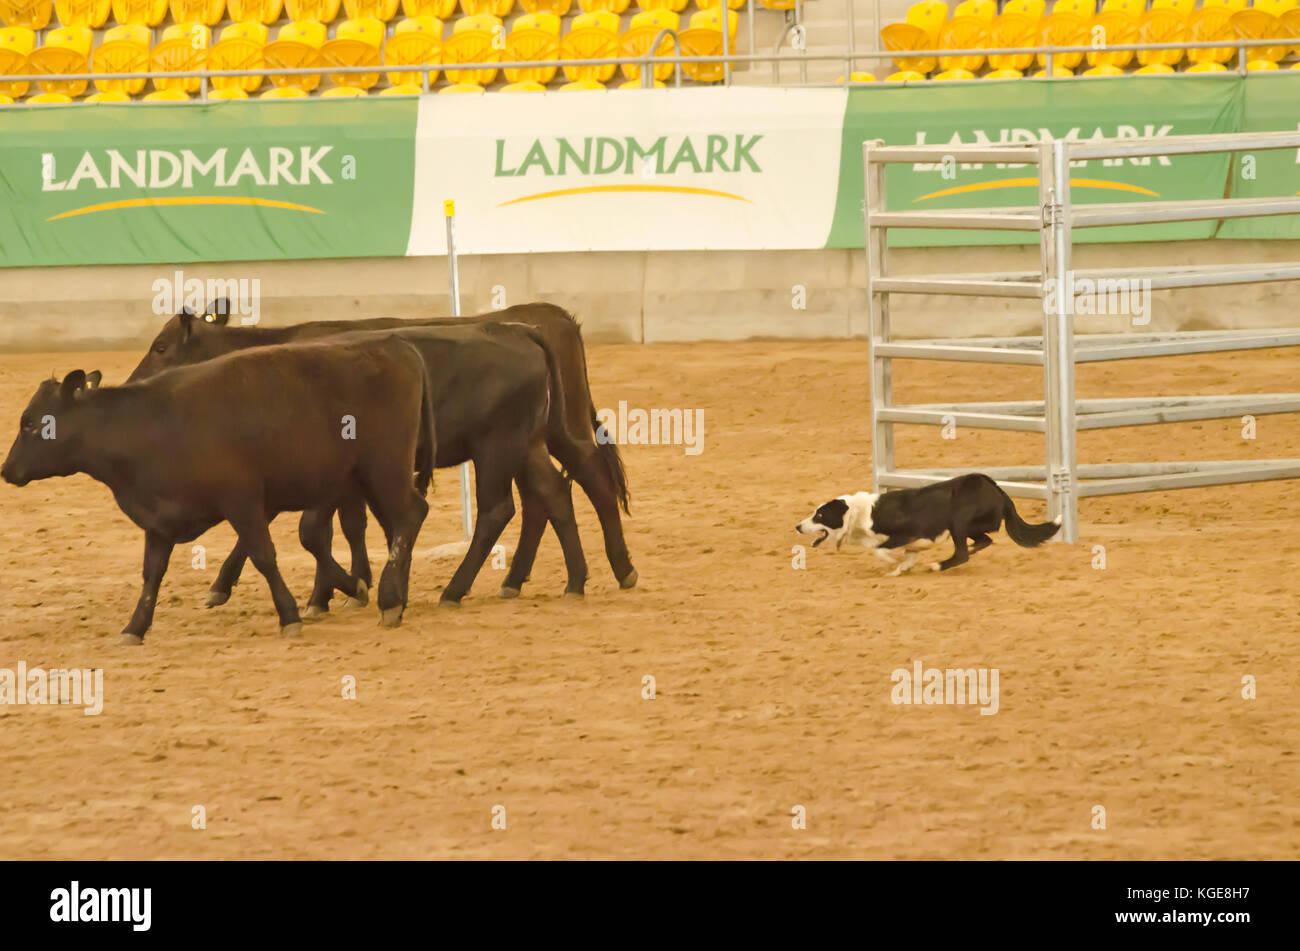 Perro de ganado juicios en un estadio cubierto. Tamworth Australia. Foto de stock